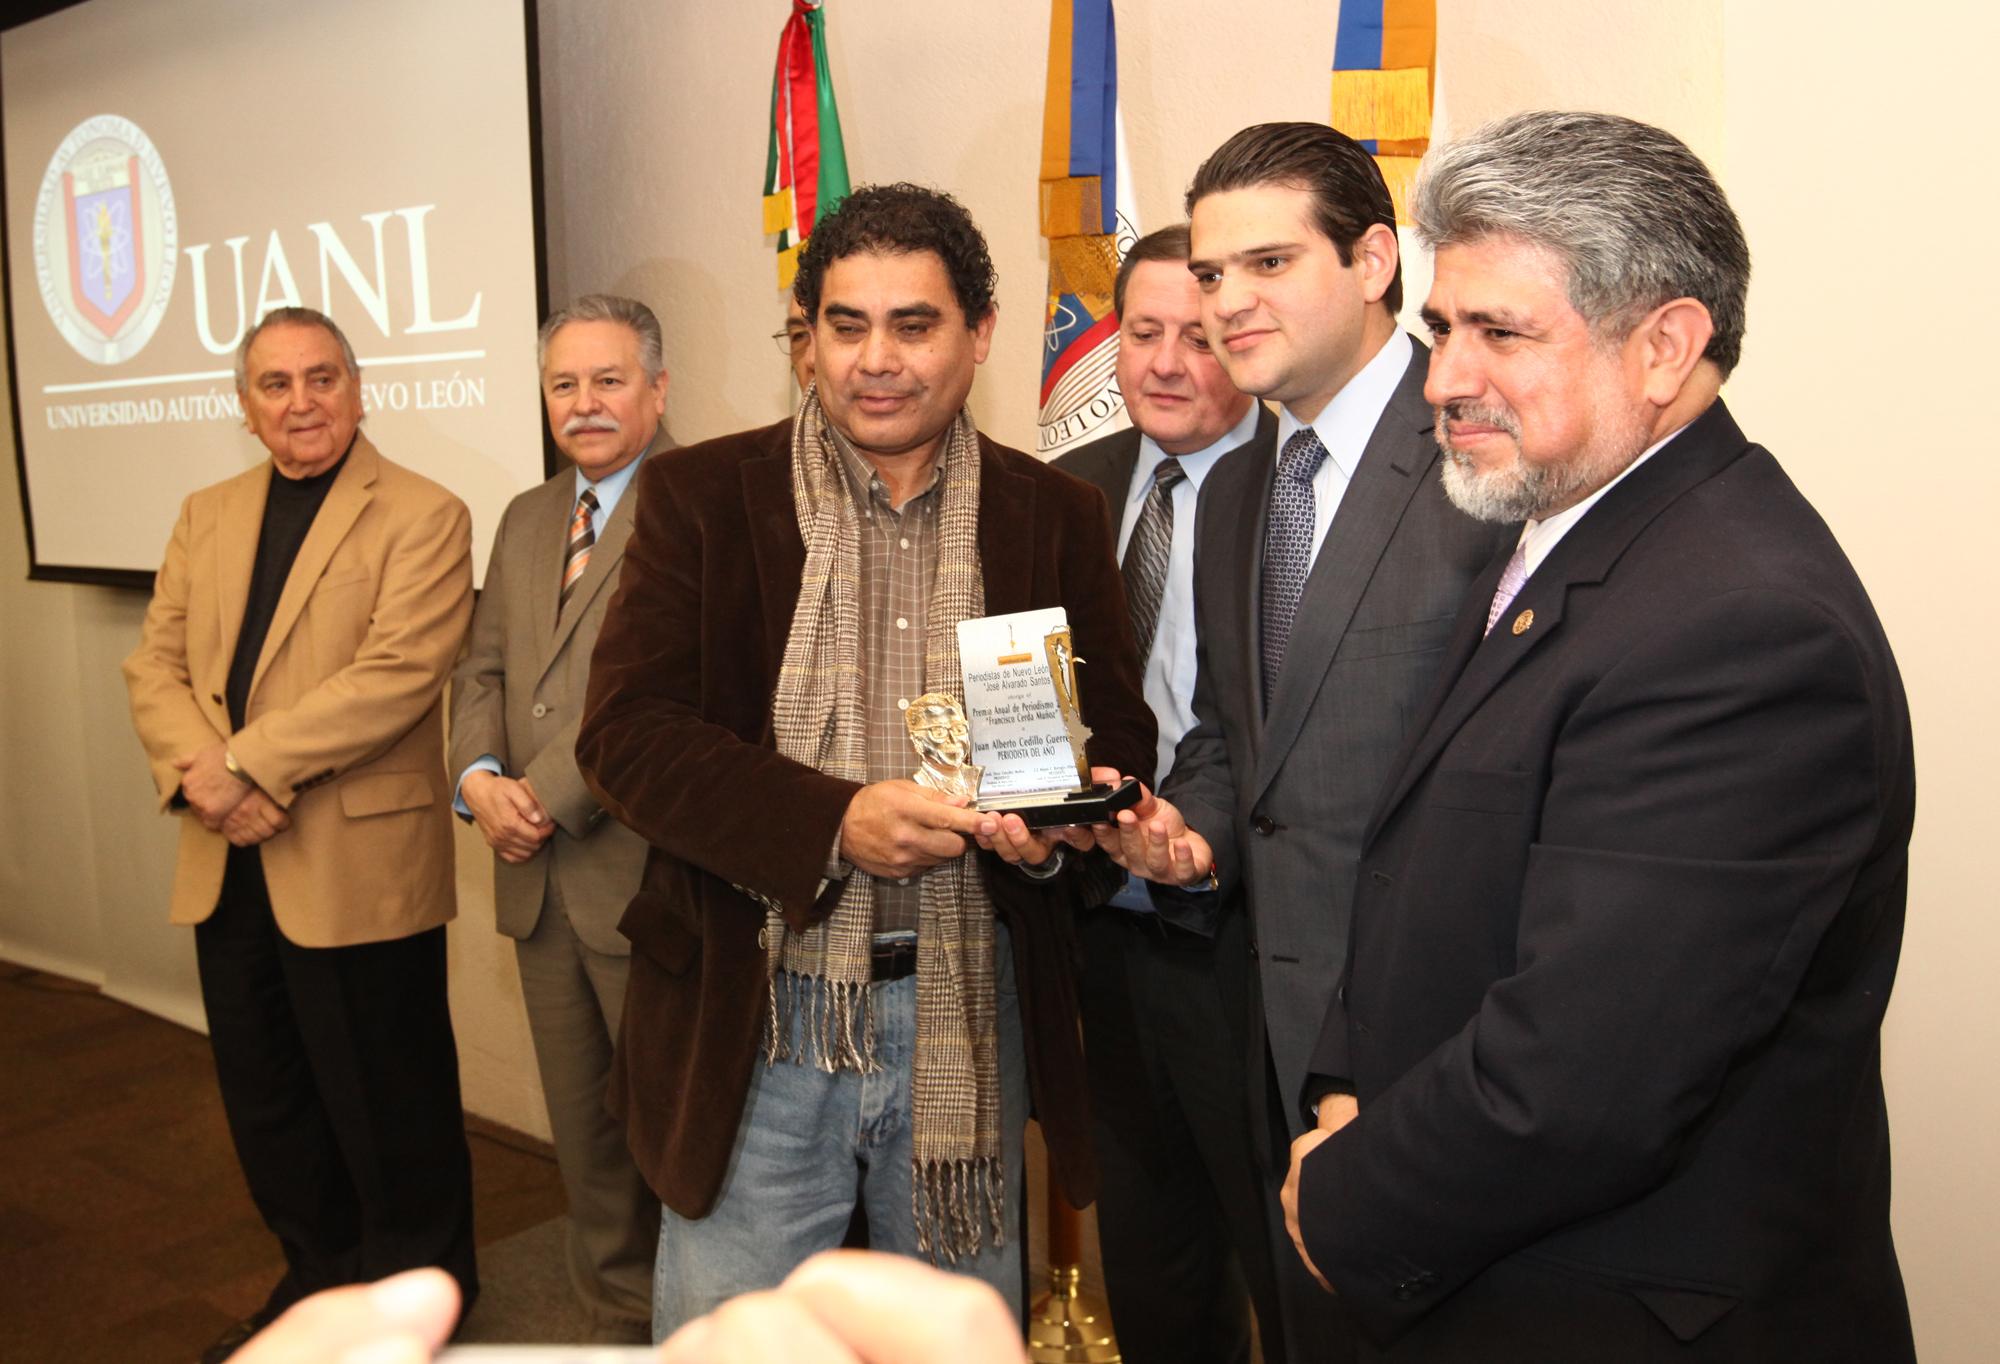 Juan Cedillo recibió el premio al Periodista del año